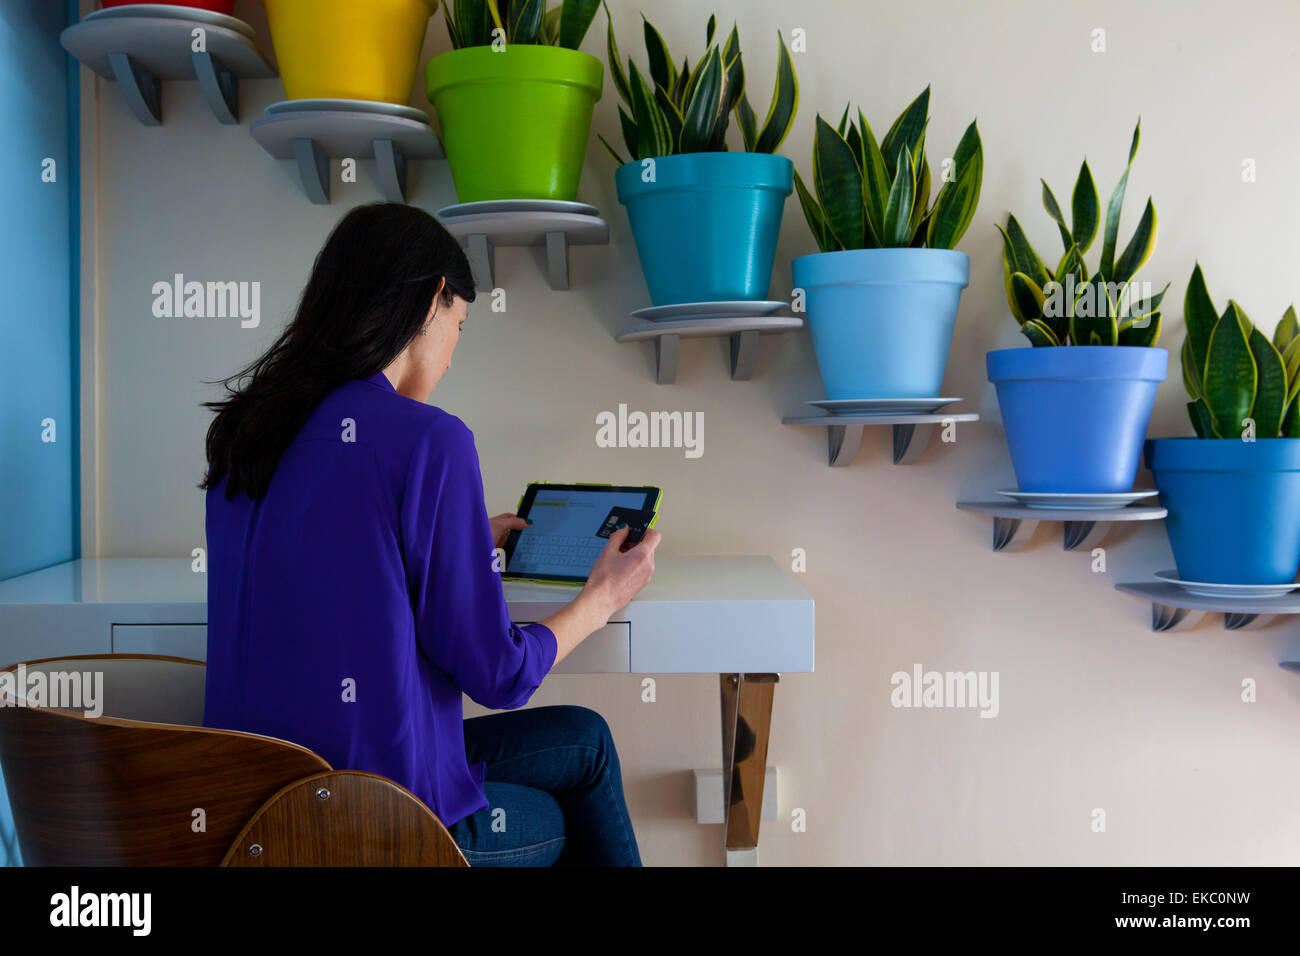 Mujer haciendo el pago de tableta digital delante de diagonal fila de plantas en macetas Imagen De Stock